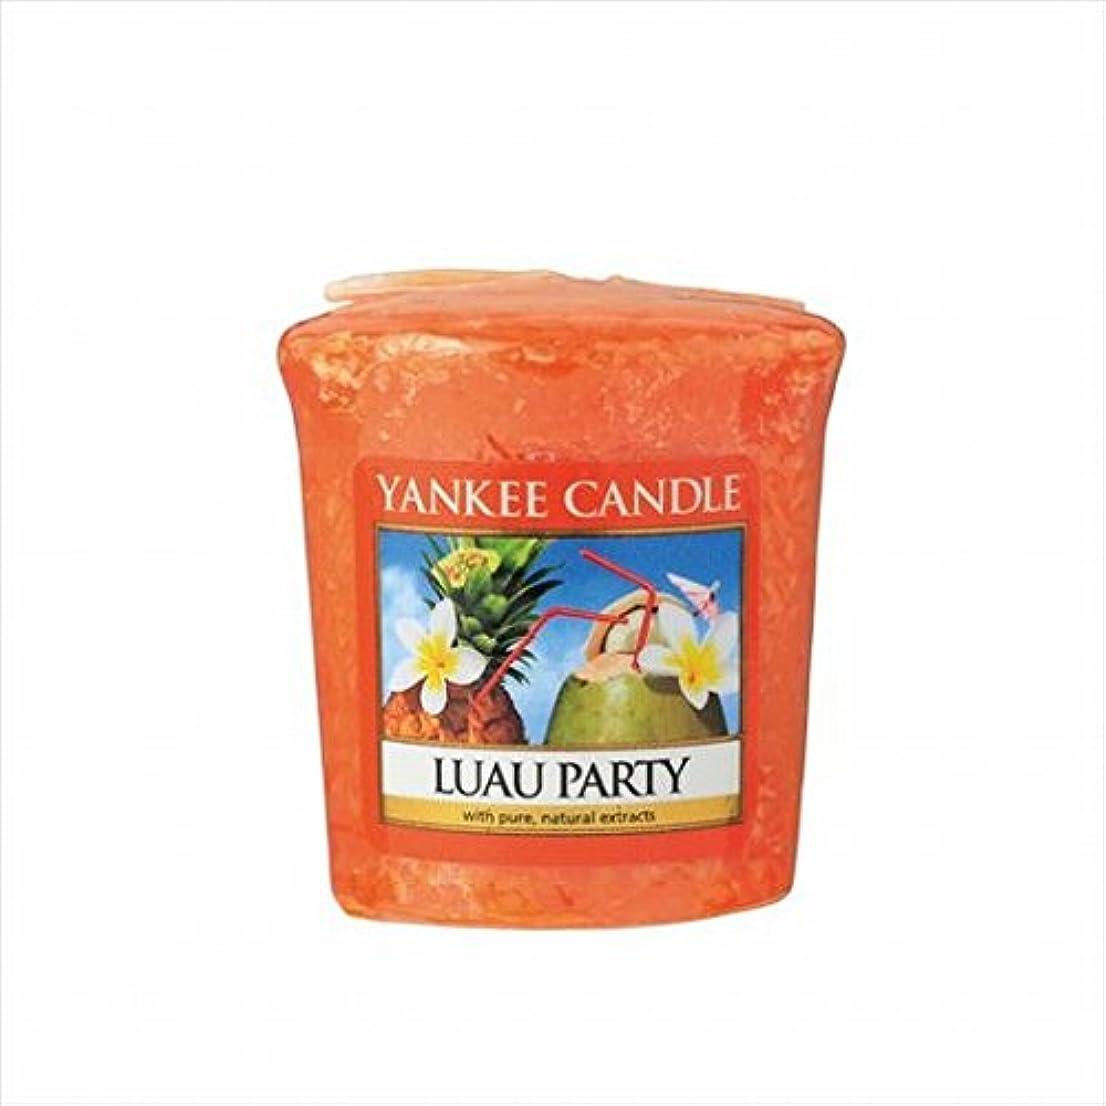 理解する直面する話カメヤマキャンドル(kameyama candle) YANKEE CANDLE サンプラー 「 ルーアウパーティ 」